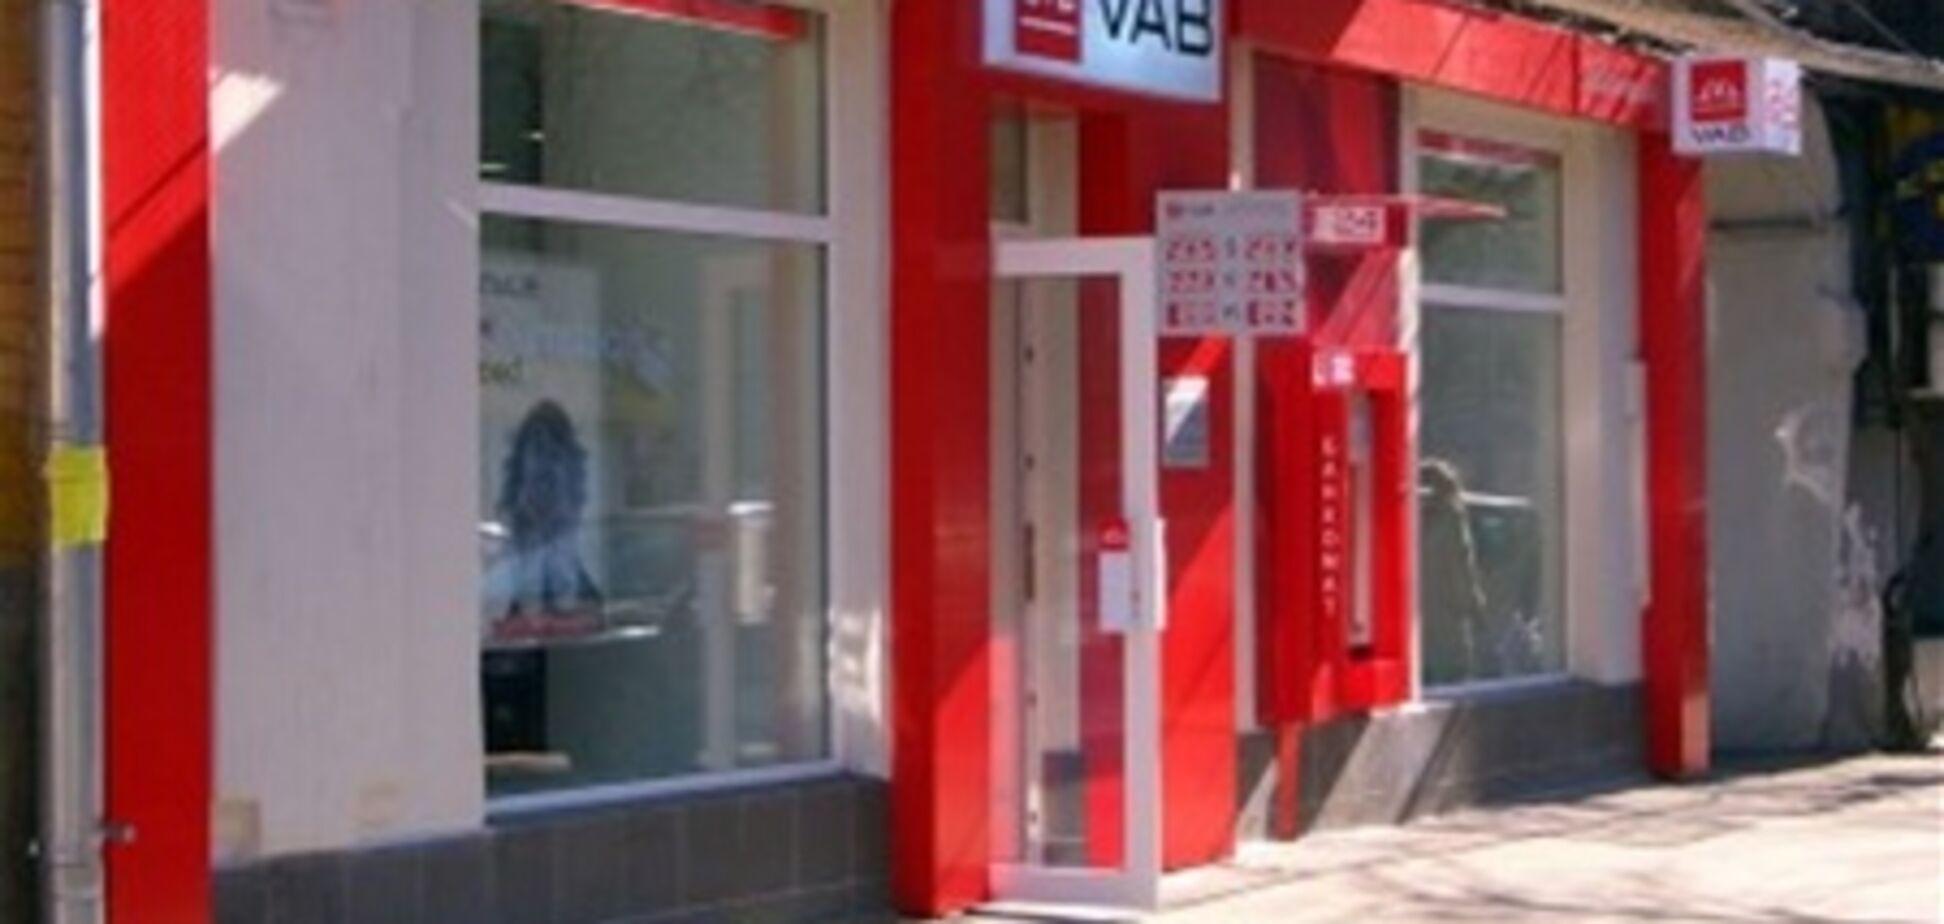 Арестован основатель VAB Банка - источники